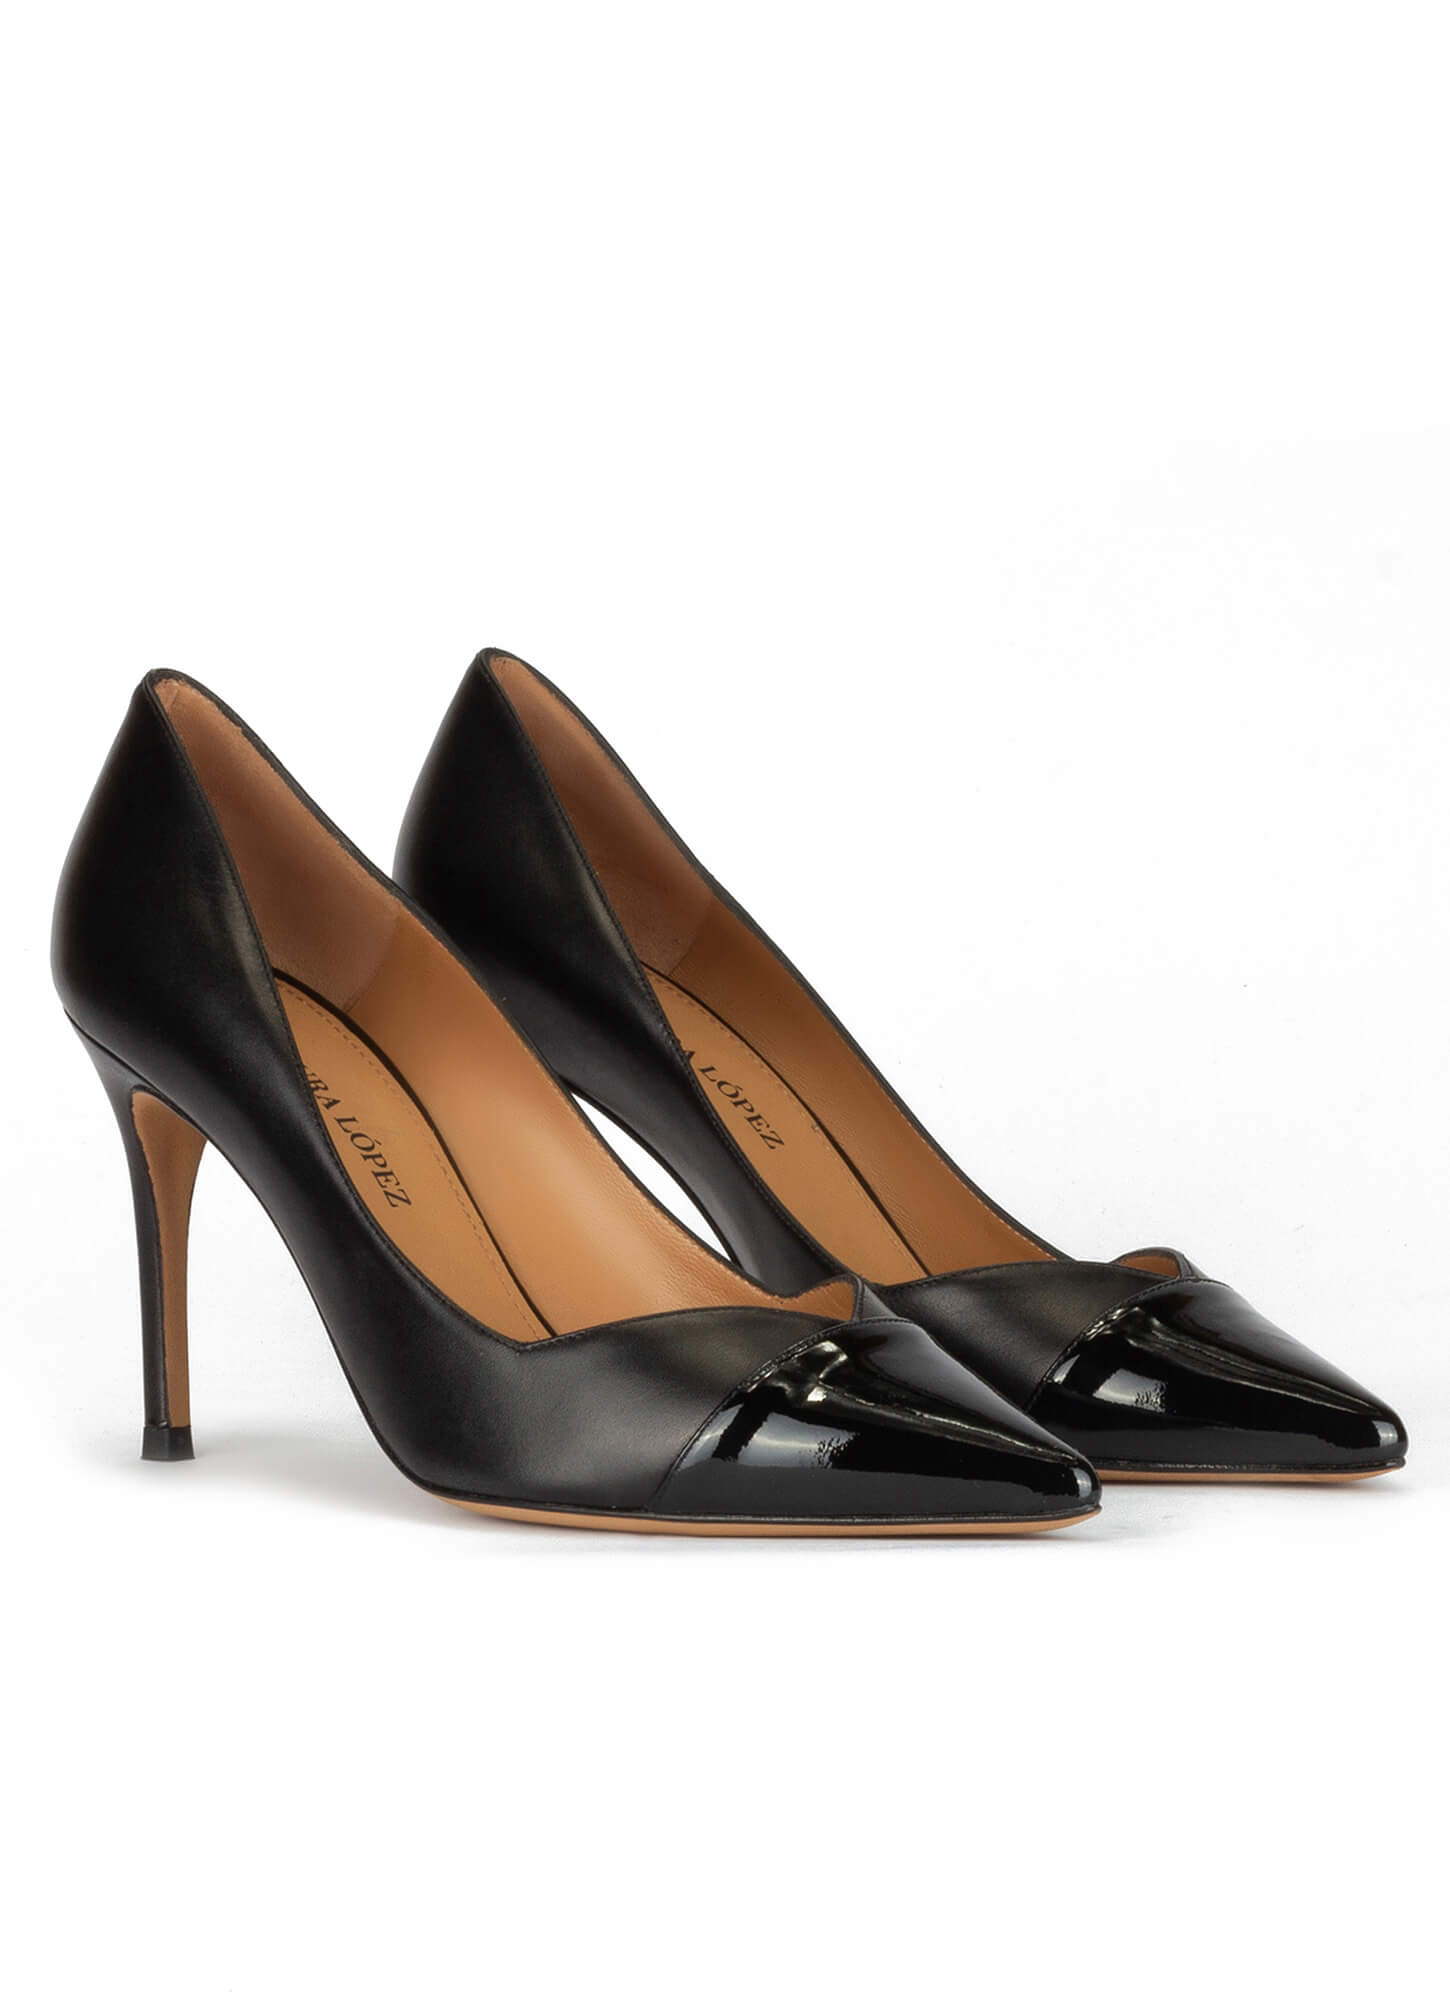 7d926d4bf3 Zapatos negros de tacón alto y punta fina en piel y charol . PURA LOPEZ